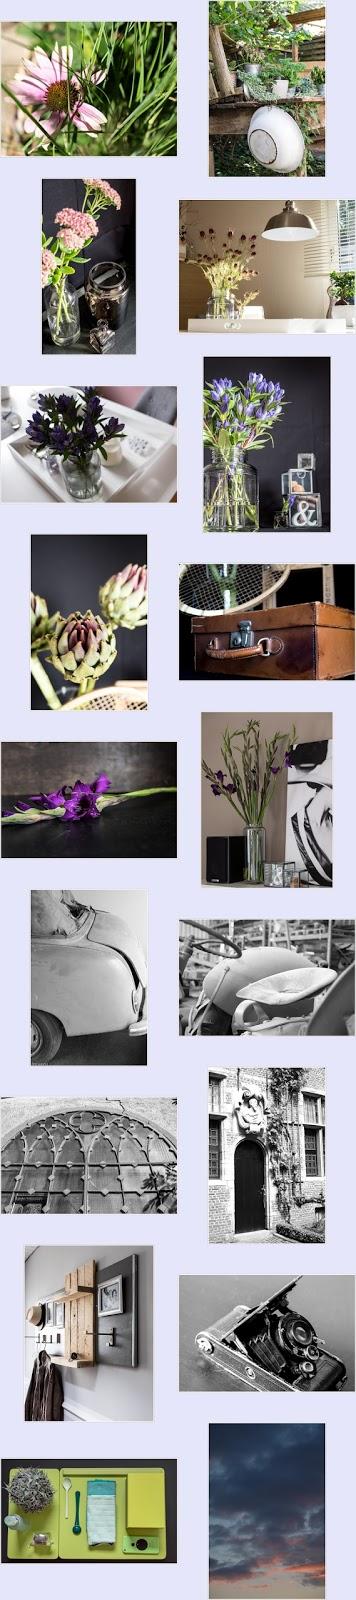 fim.works | Fotografie.Leben.Wohnen. | Monatscollage für den September 2016